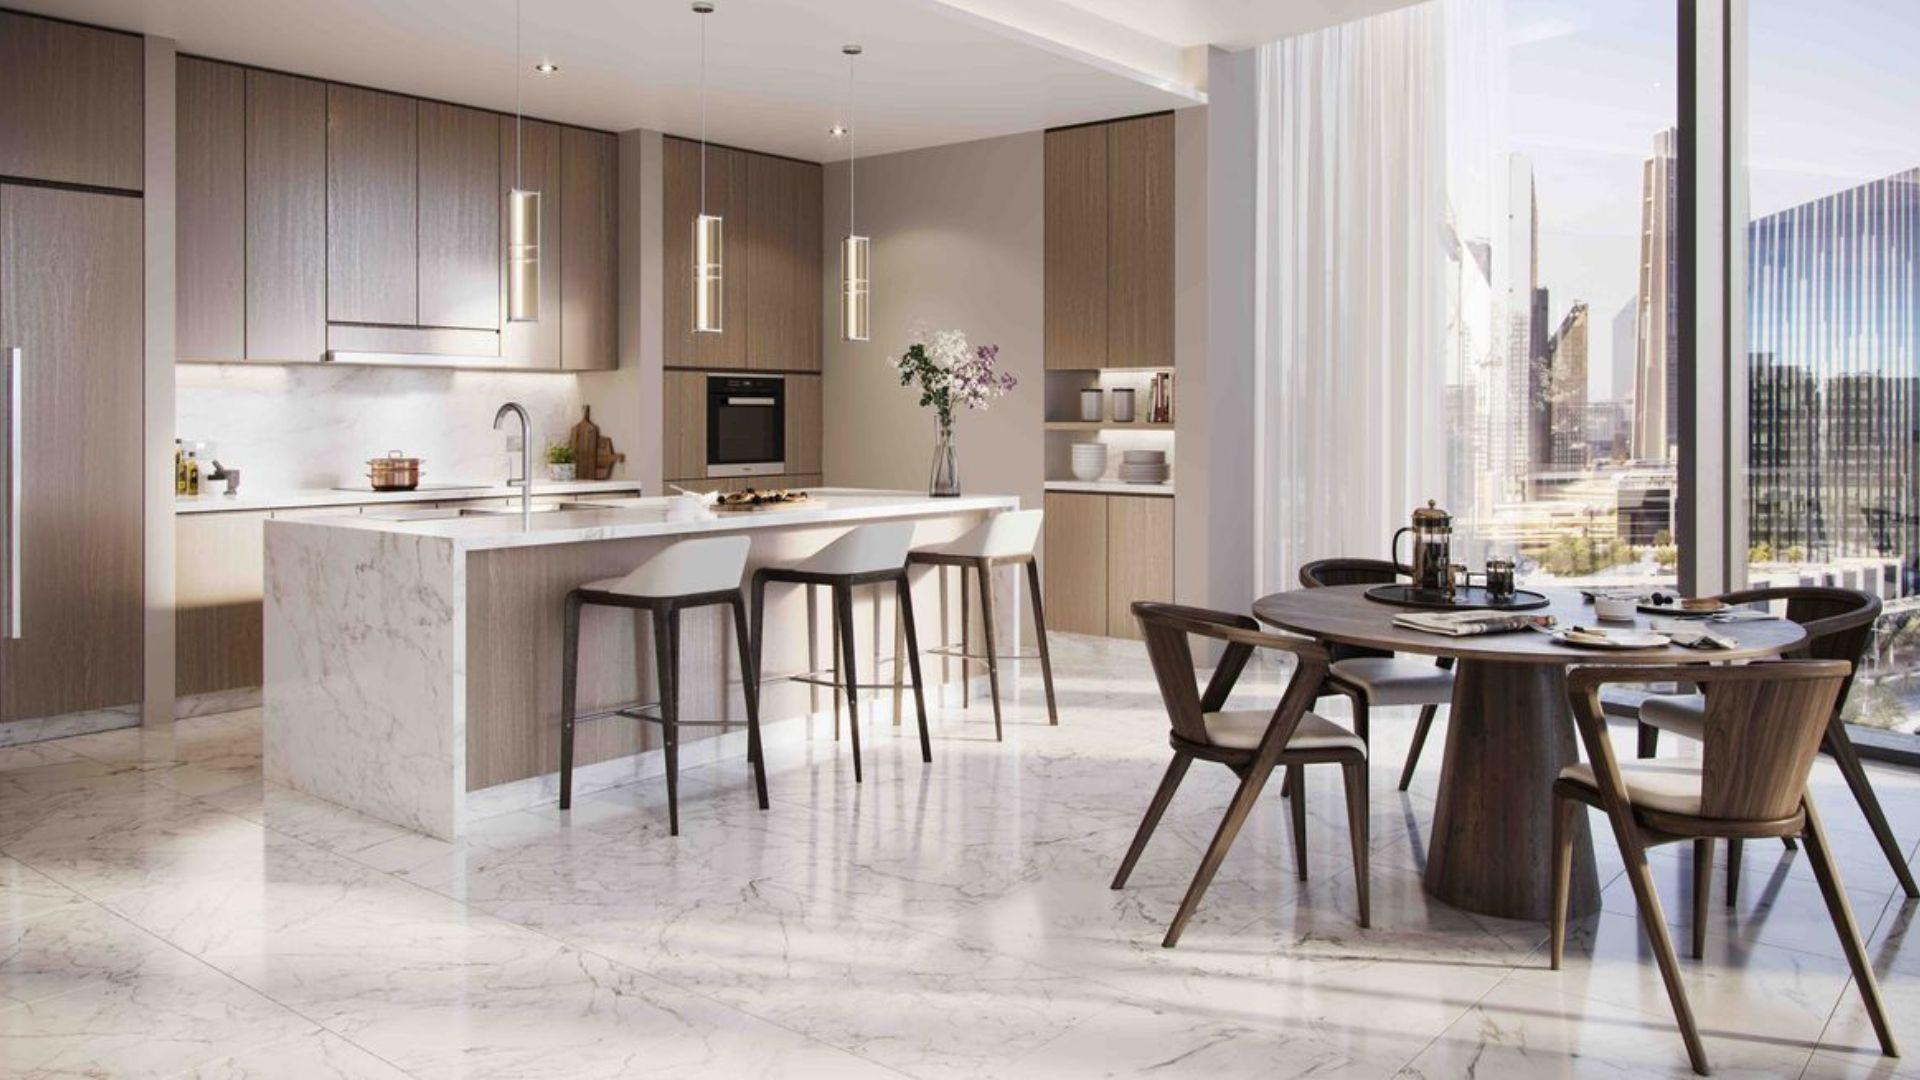 Ático en venta en Dubai, EAU, 5 dormitorios, 1068 m2, № 24320 – foto 2